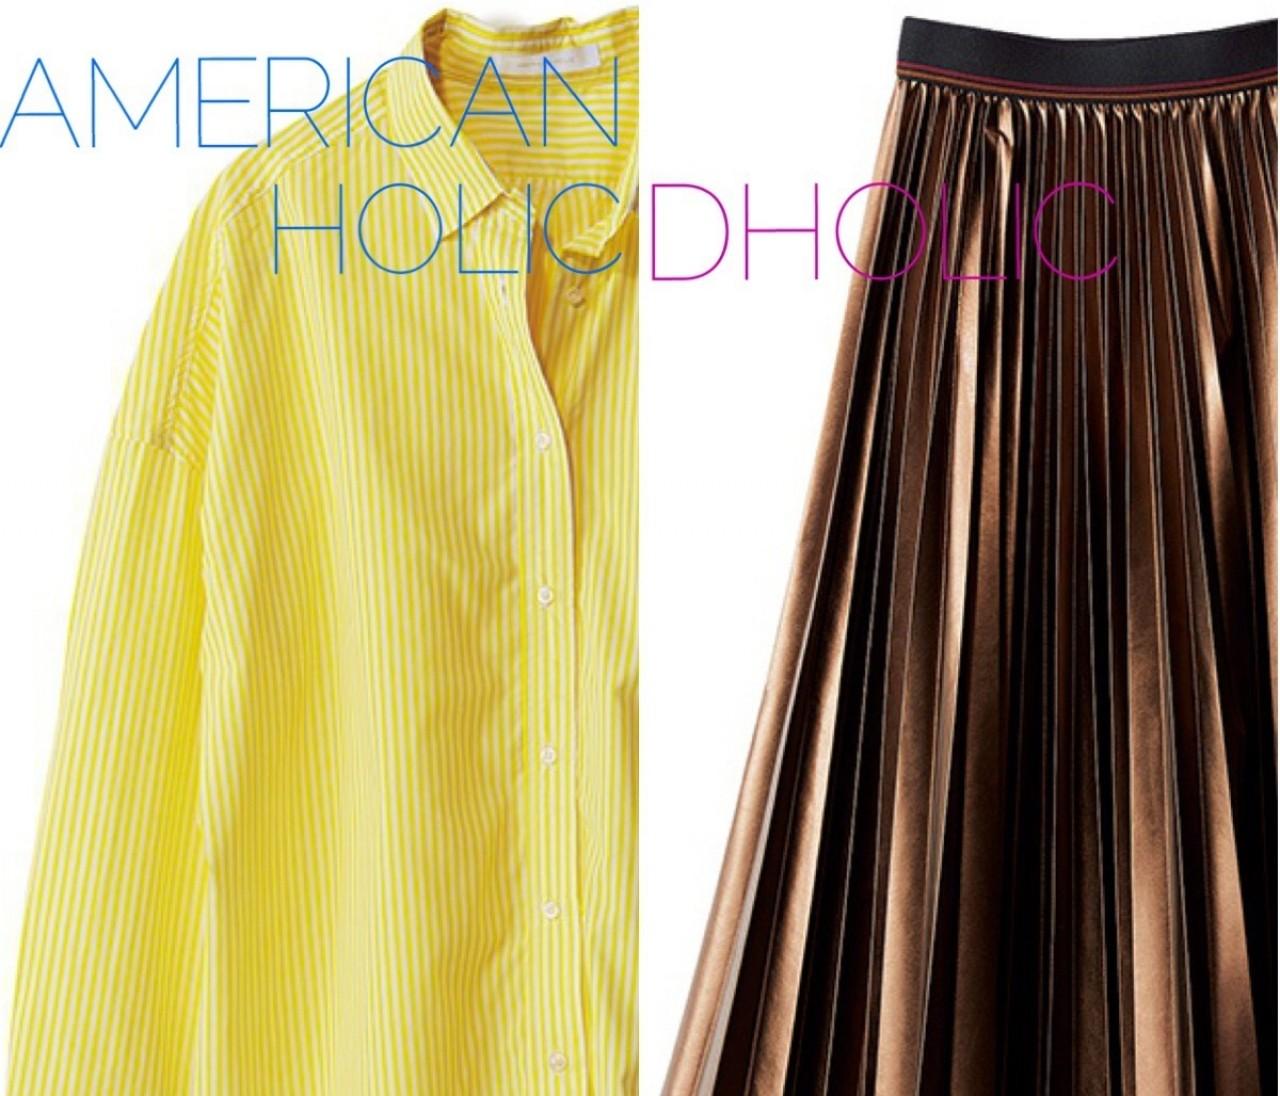 【アメリカンホリック&DHOLIC】には、女子会映え高コスパ服が揃ってる!